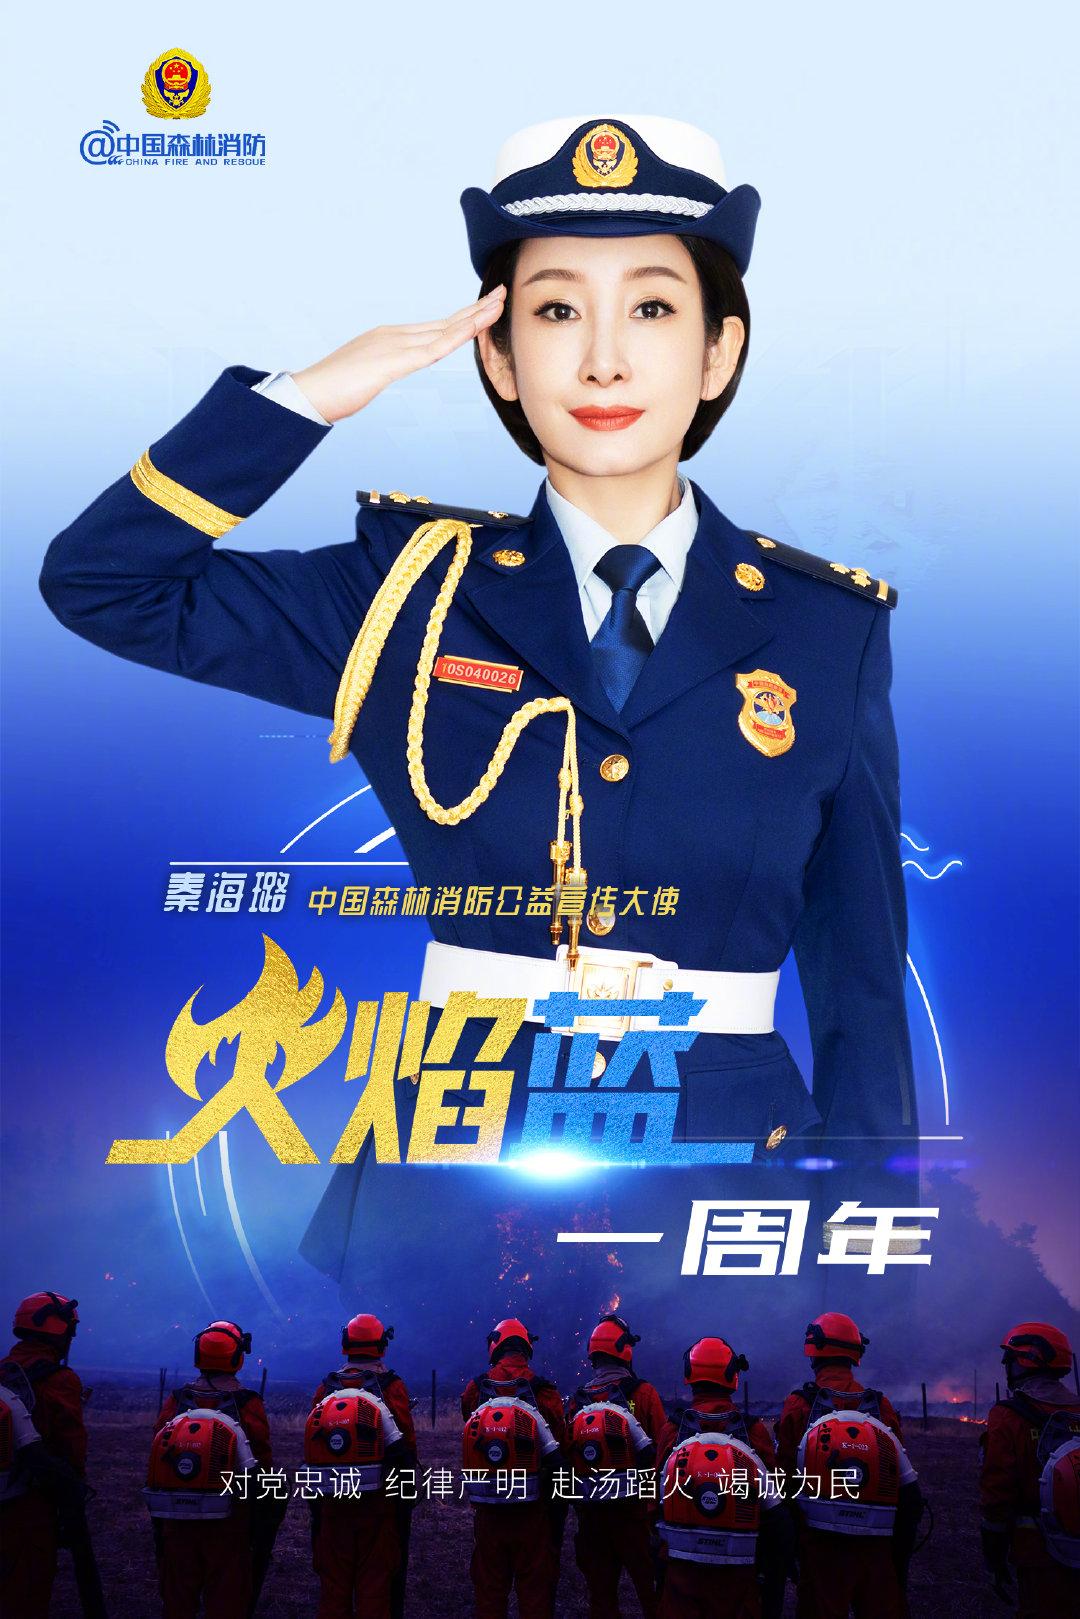 今天是全国消防日,@秦海璐 正式担任中国森林消防公益宣传大使